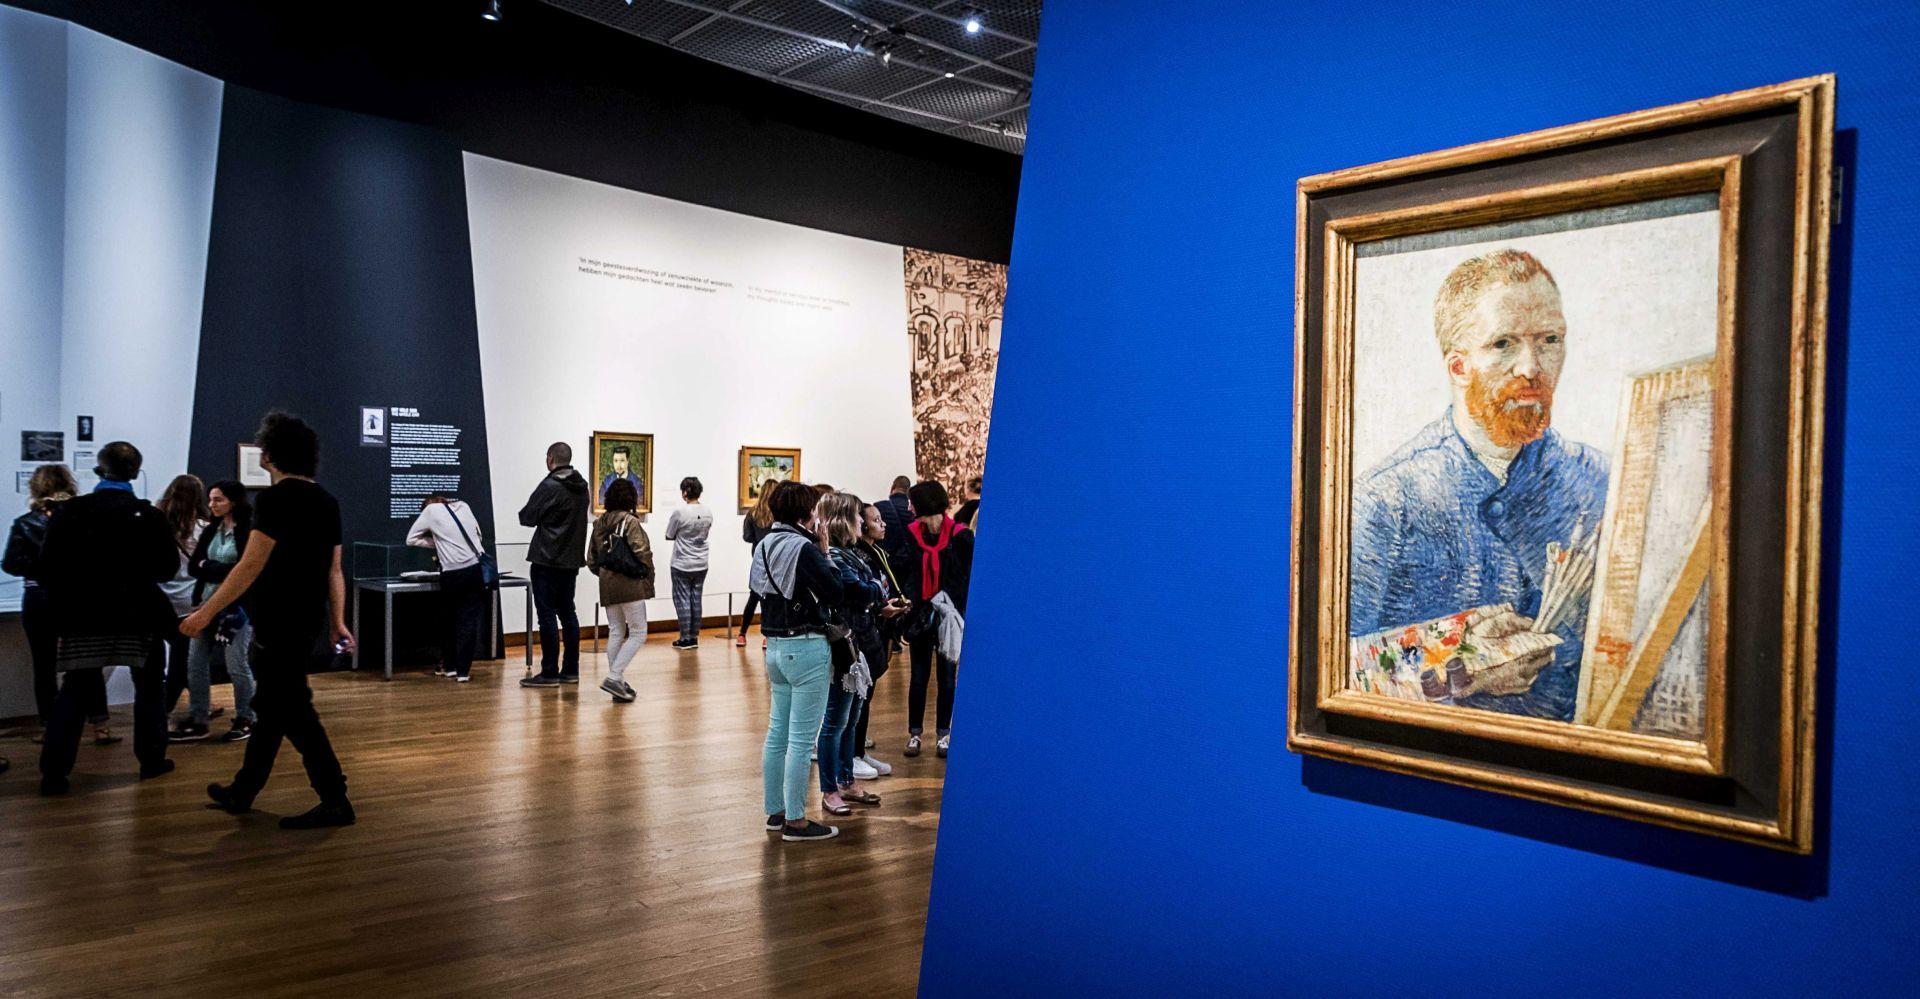 Vincent Van Gogh 'dao je uho farmerovoj kćeri'